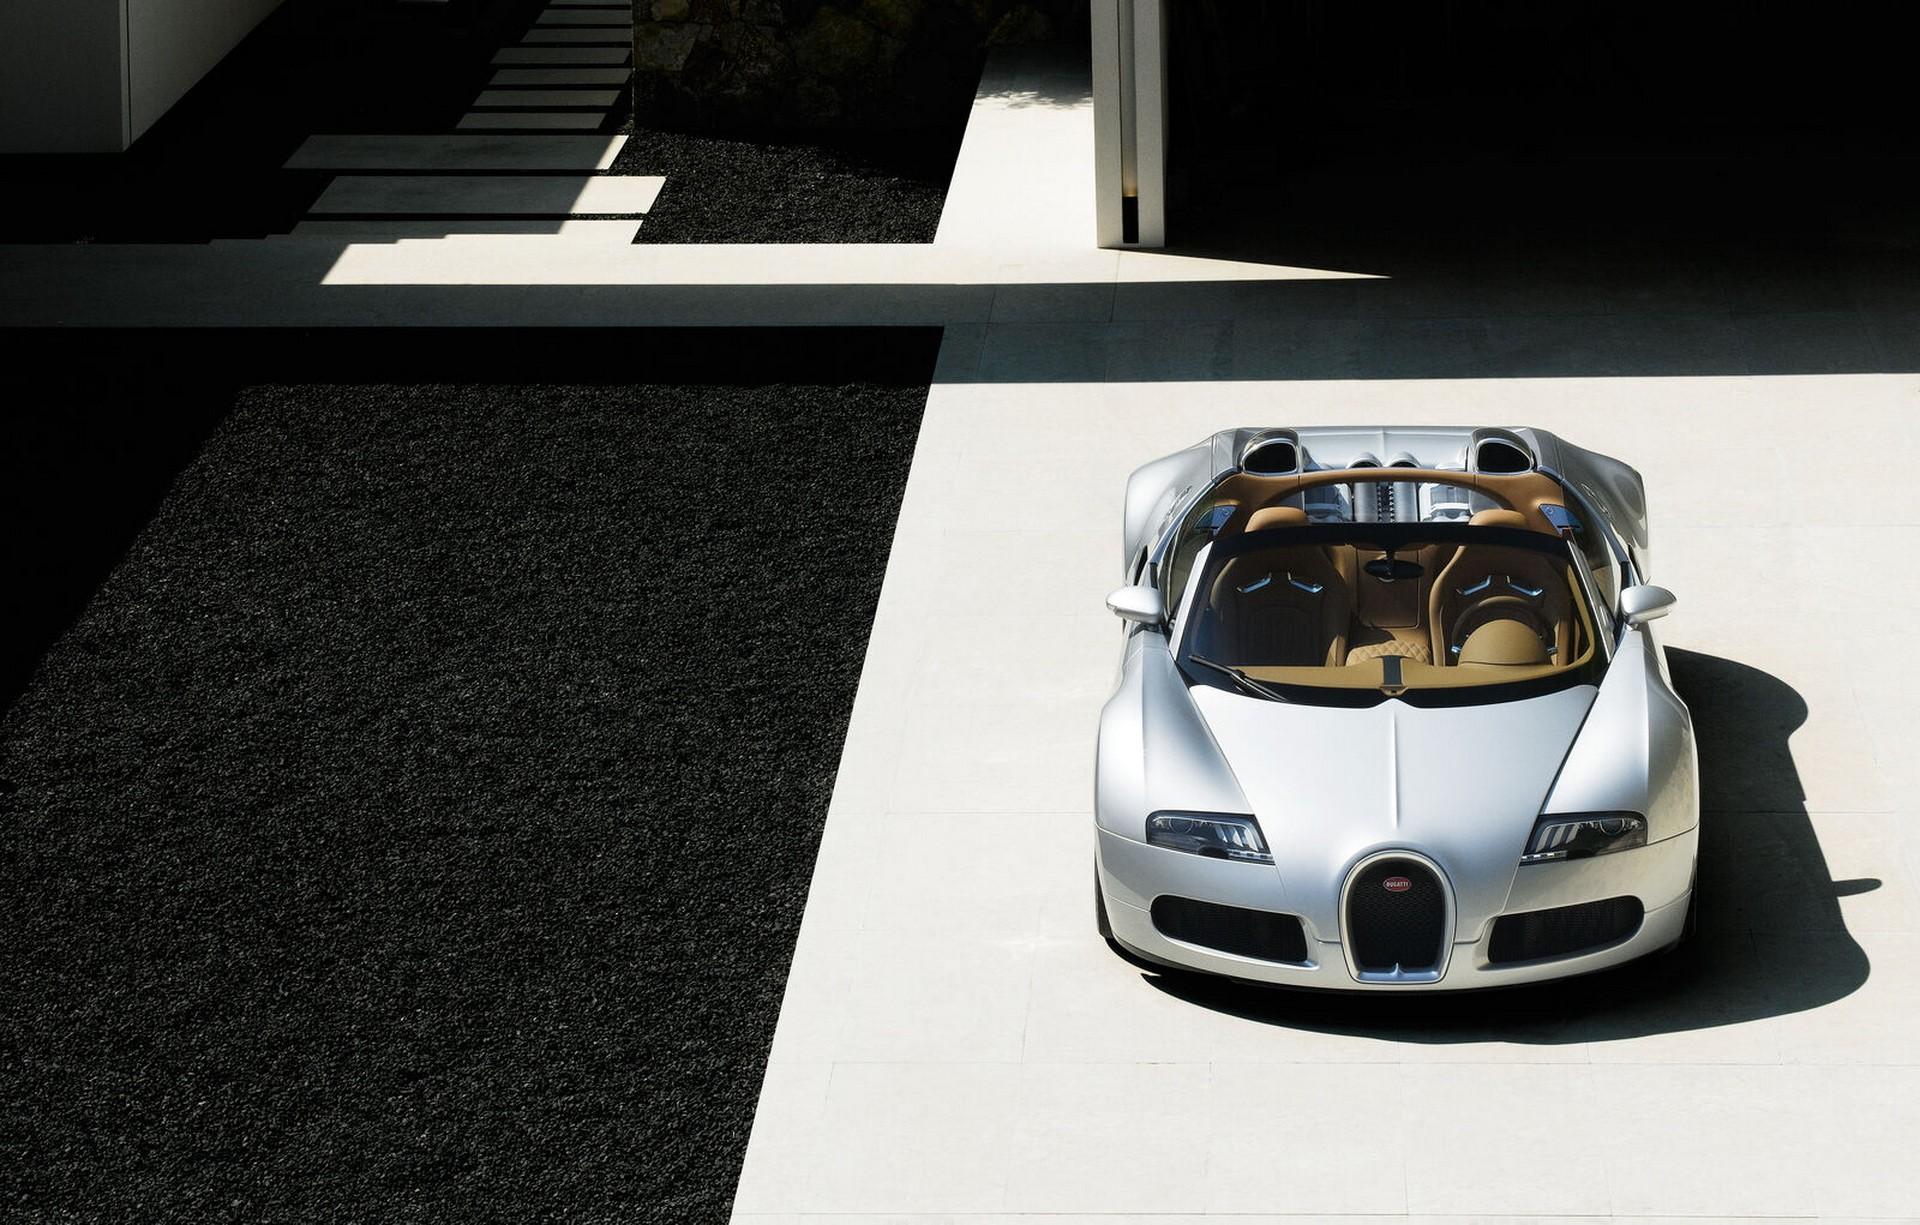 Первый прототип гиперкара Veyron Grand Sport 2008 года выпуска